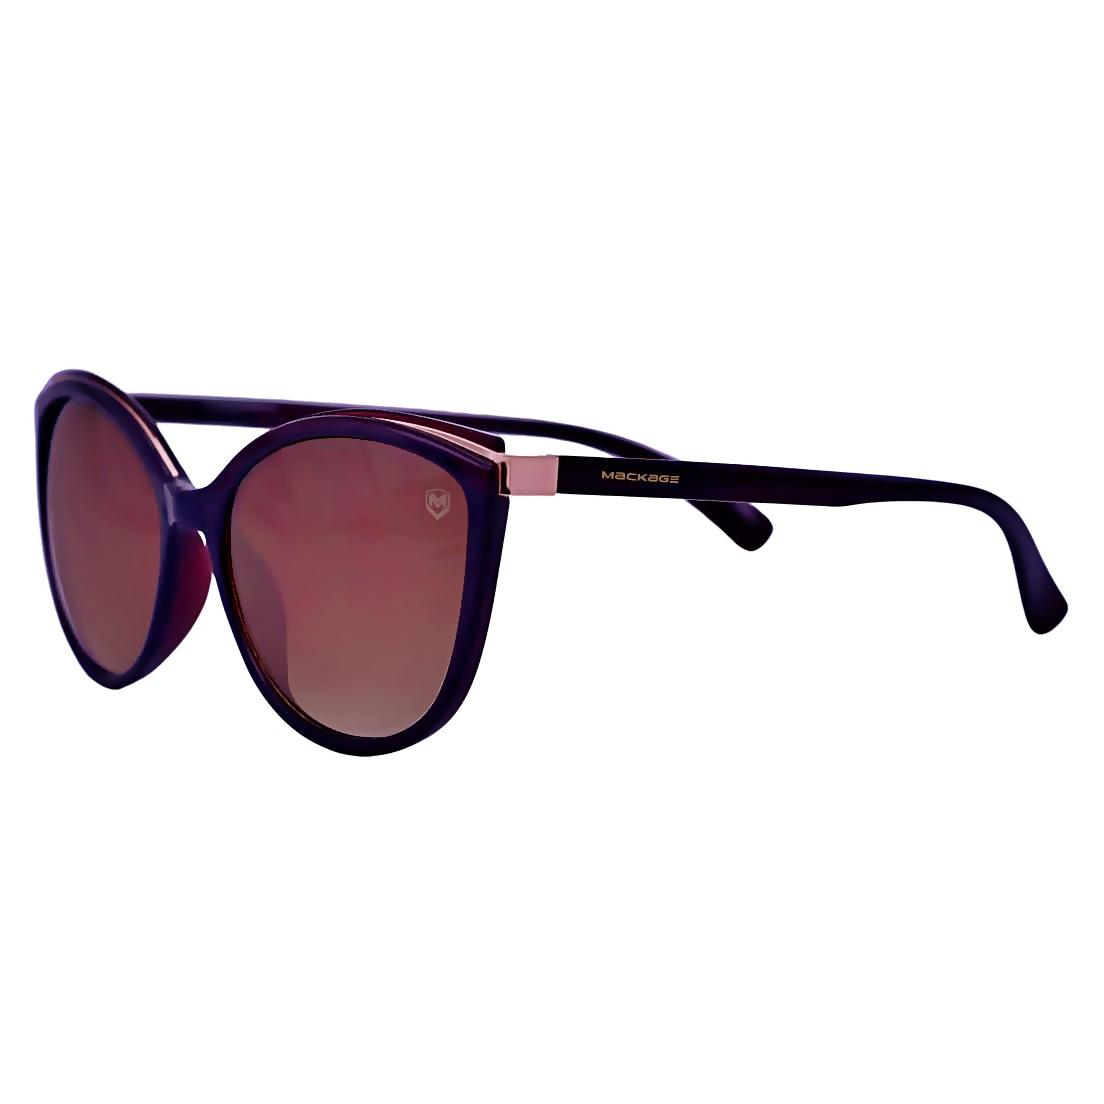 Óculos De Sol Mackage Feminino Acetato Oval - Marrom